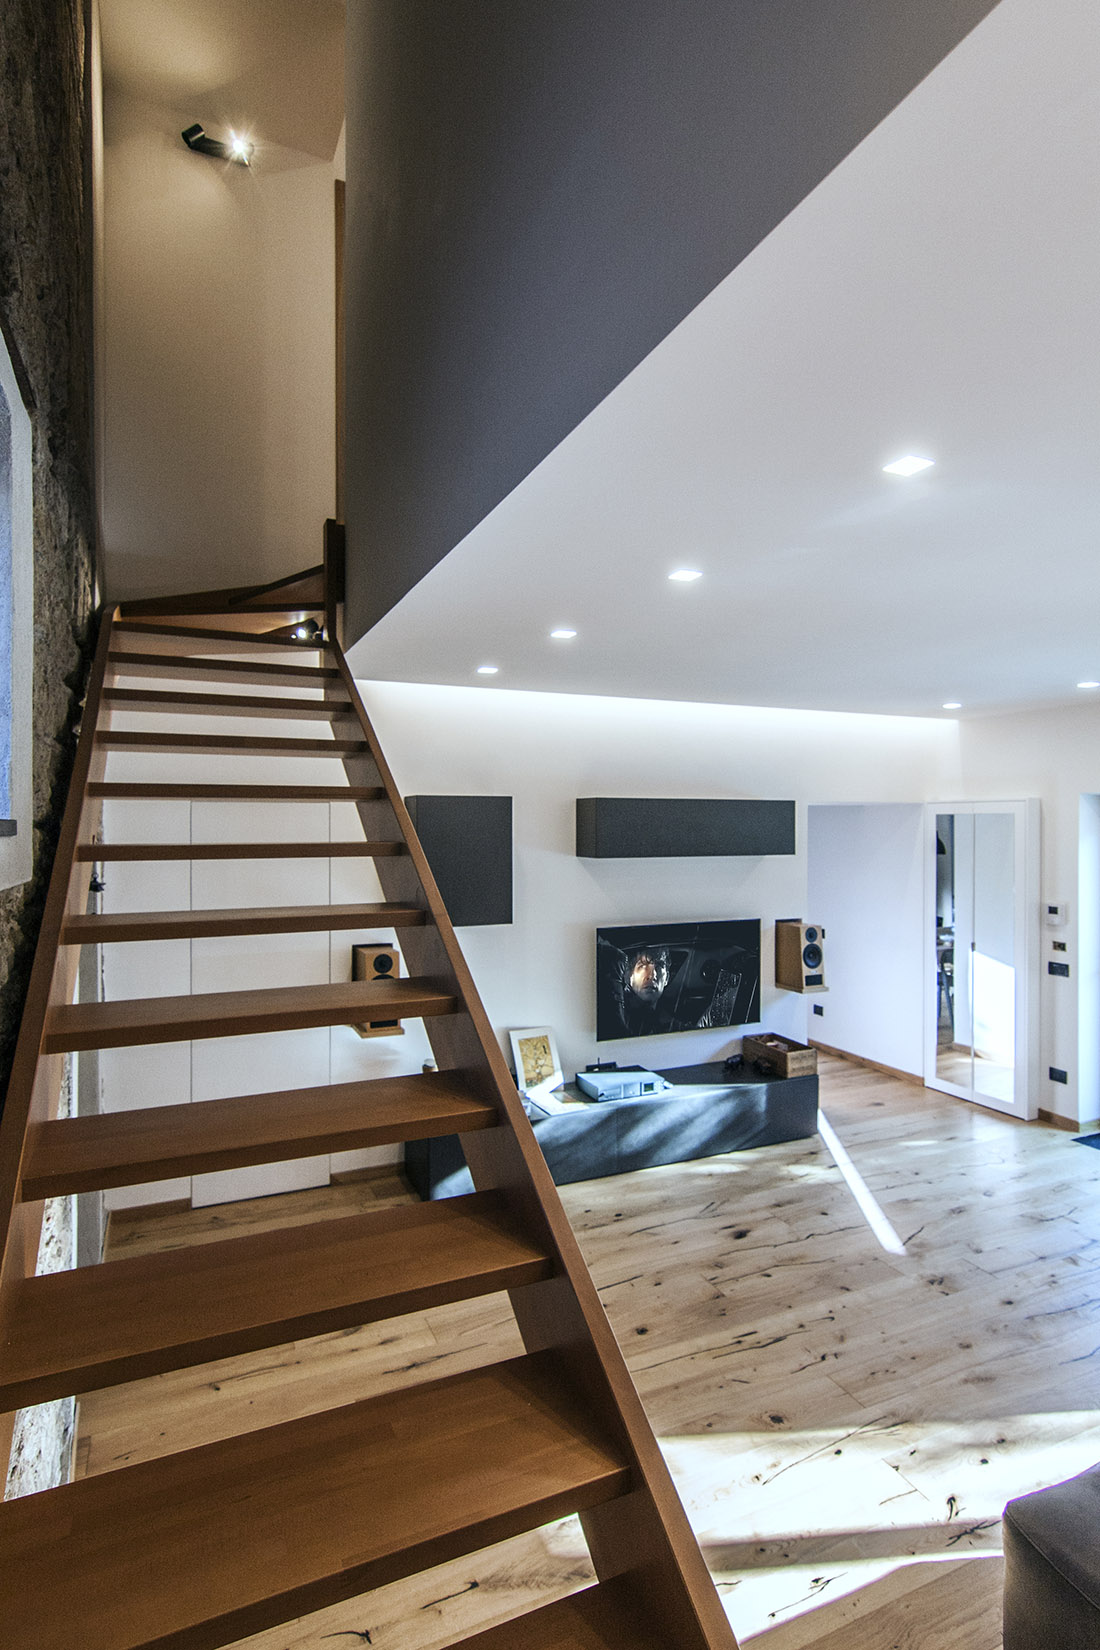 casa-tao-napoli-tufo-a-vista-recupero-moderno-pucciarelli-architetti-scala-soggiorno-3